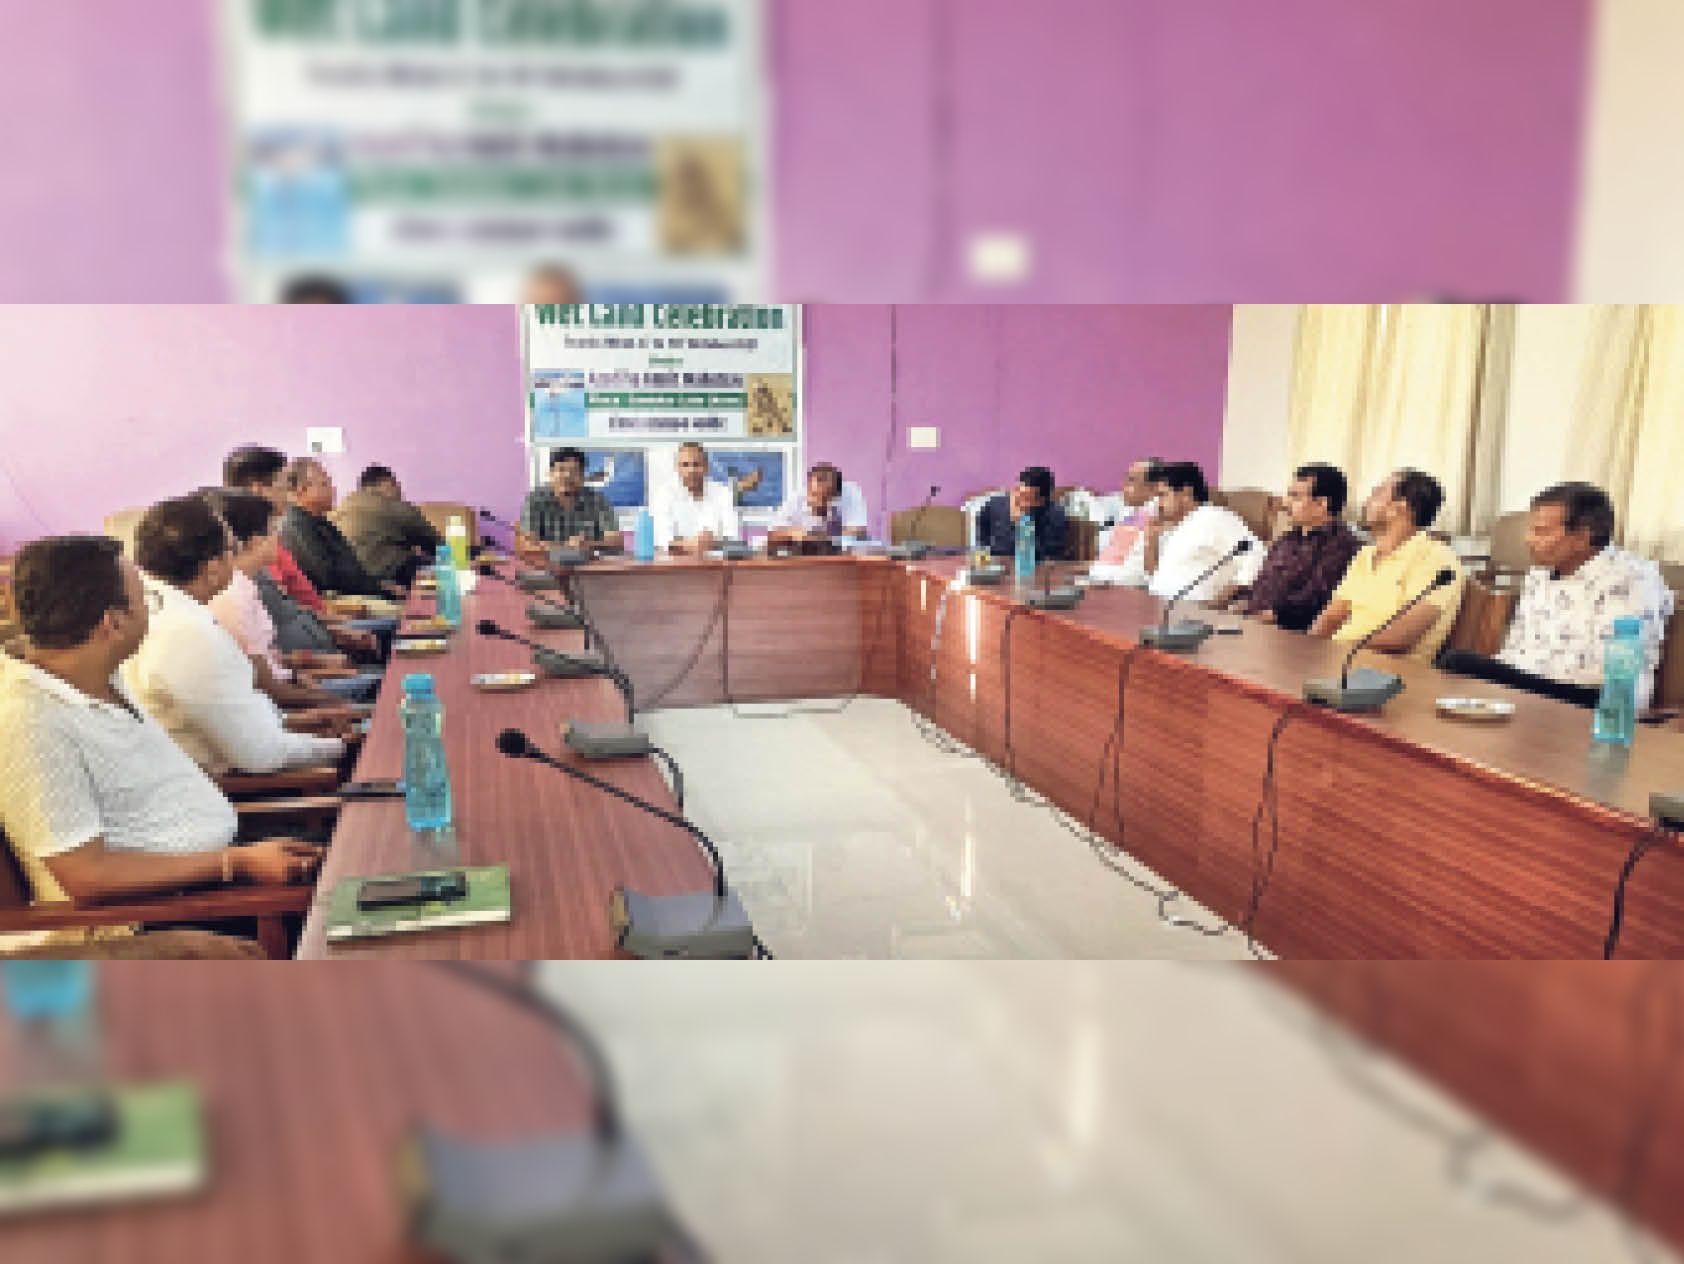 अमृत महोत्सव के तहत आयोजित कार्यक्रम में मौजूद अधिकारी व नमक उद्यमी। - Dainik Bhaskar